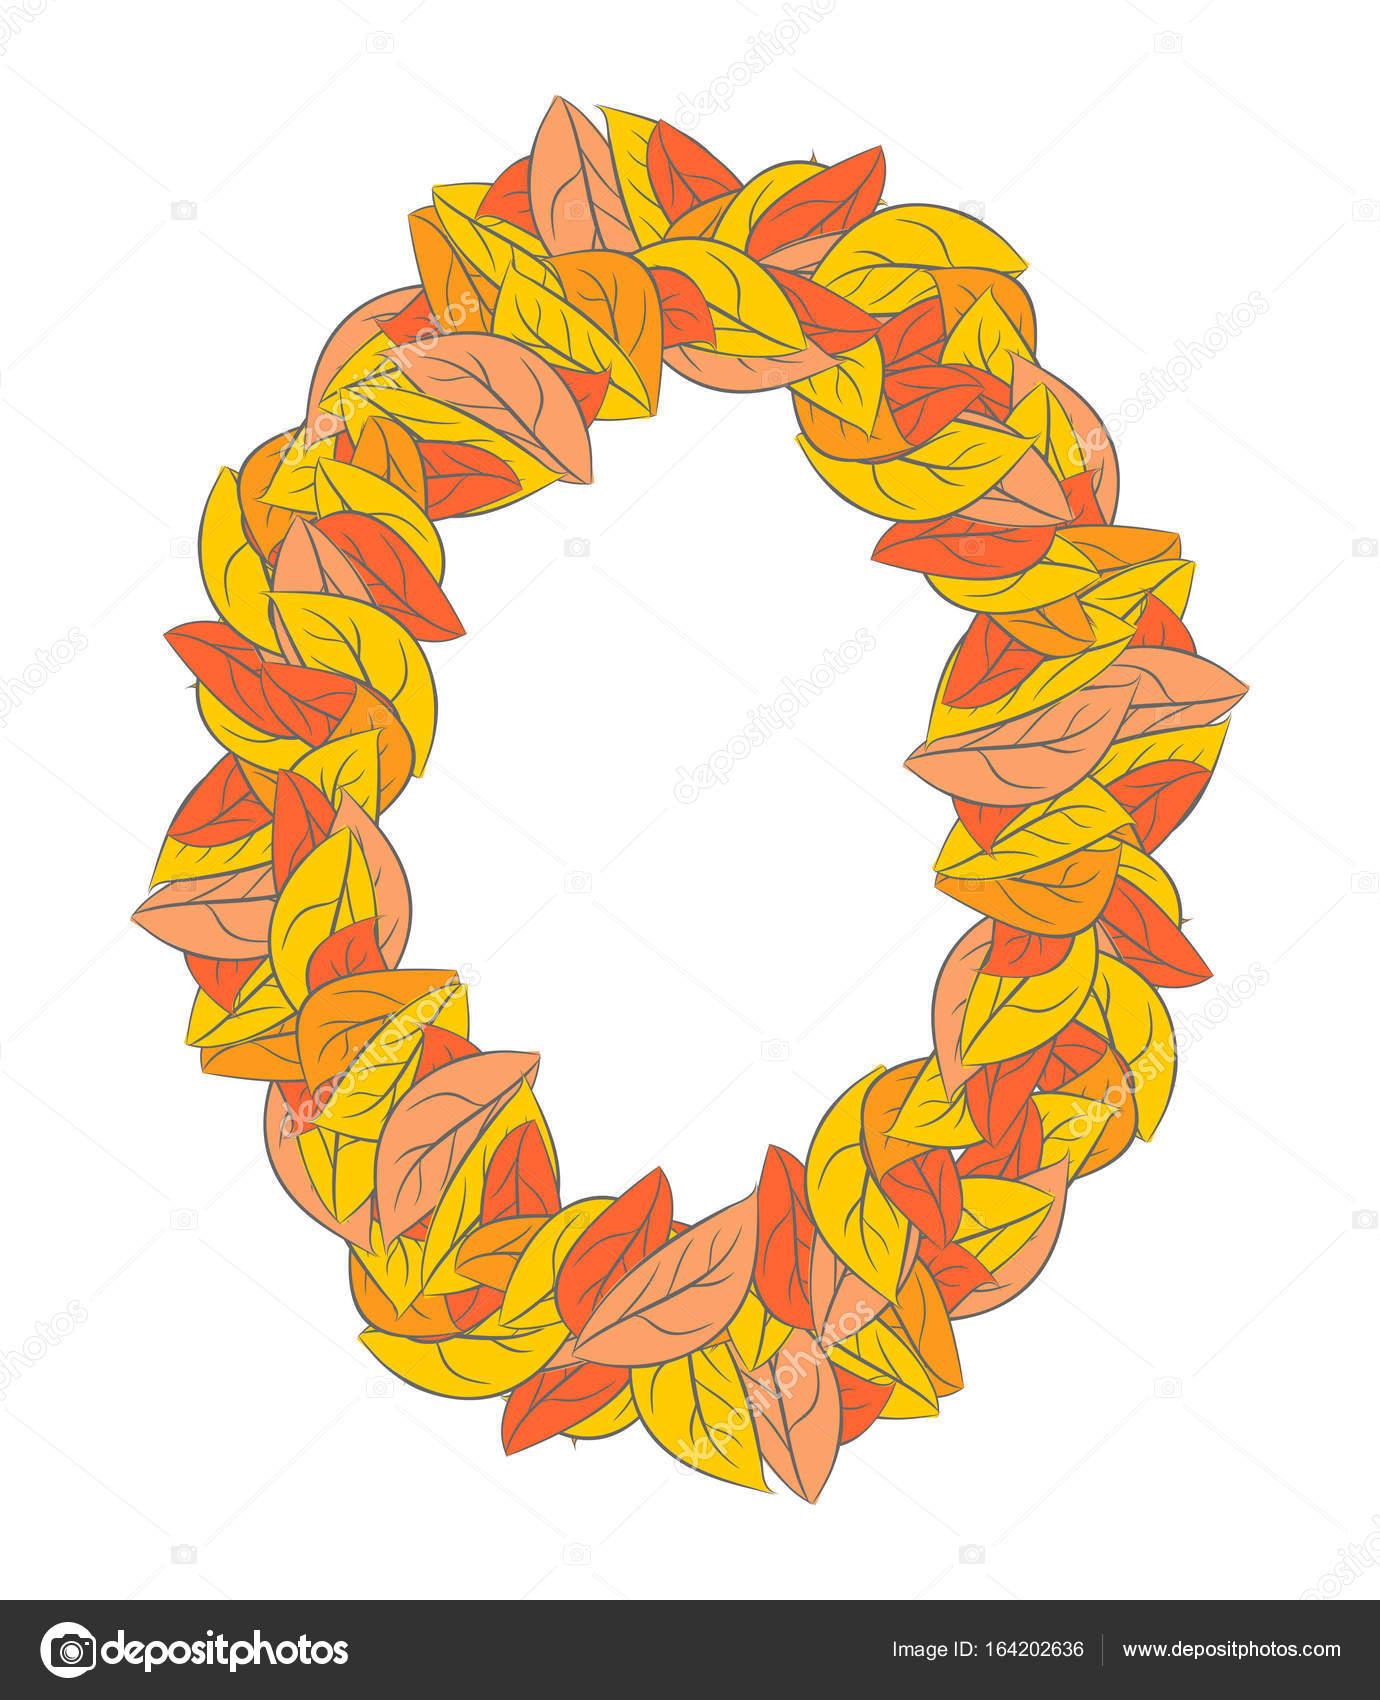 Marco de elipse otoño aislado. Fondo de hojas amarillas — Archivo ...